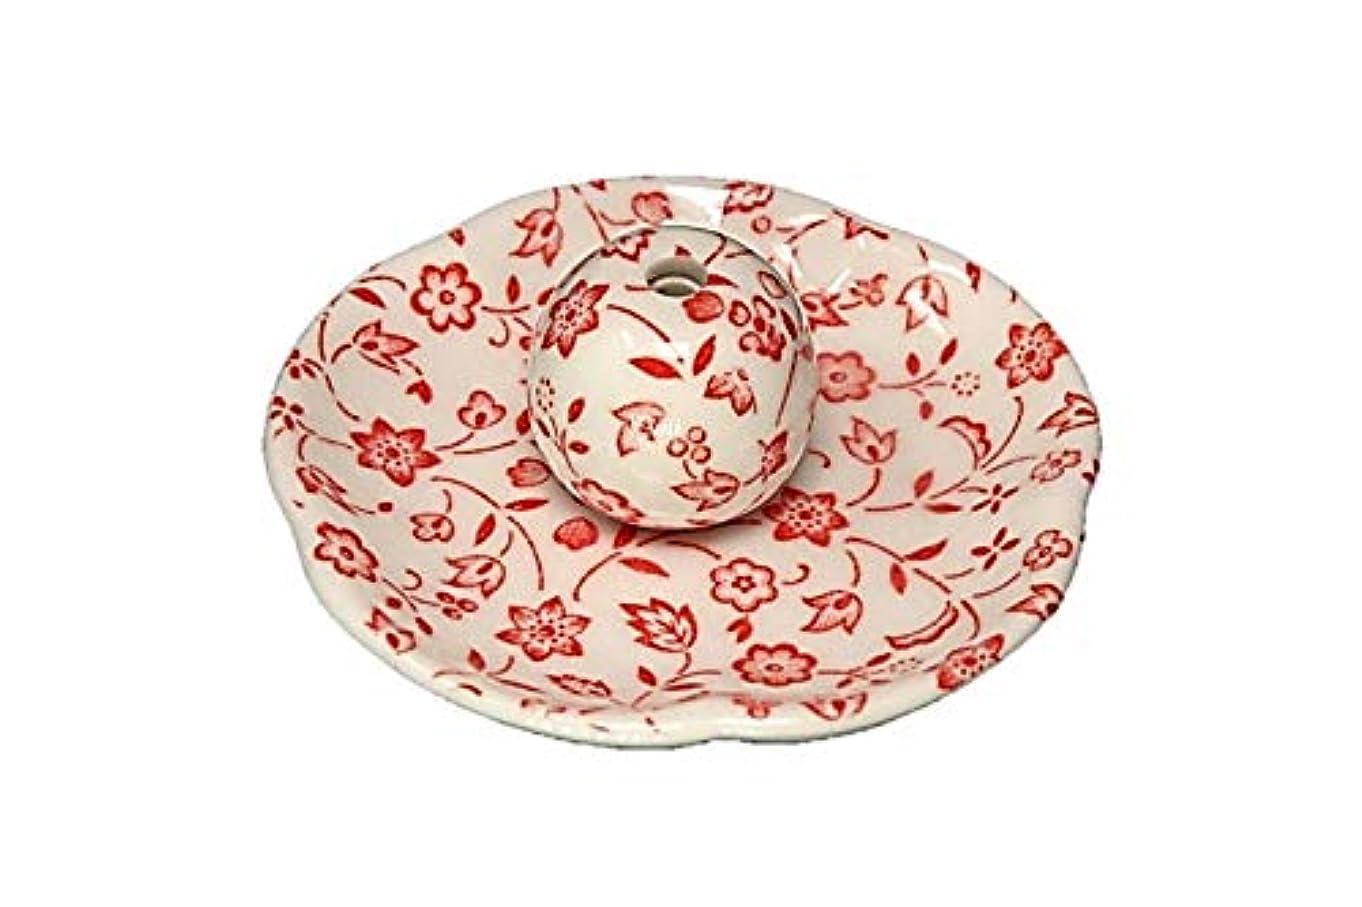 ちょっと待ってみなすハンディ赤小花 花形香皿 お香立て お香たて 日本製 ACSWEBSHOPオリジナル